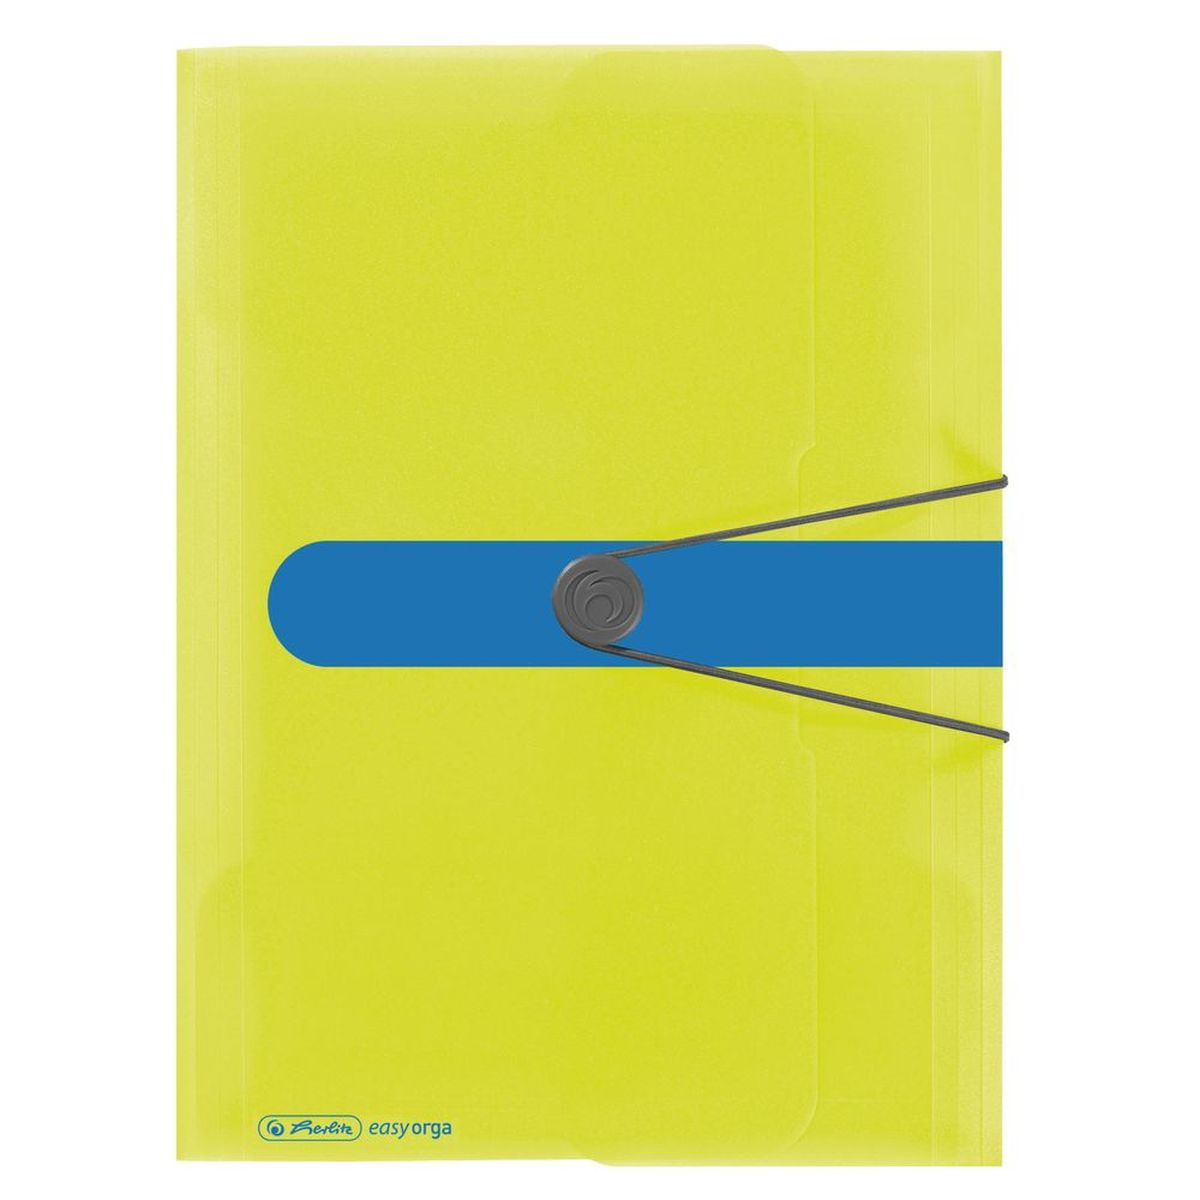 Herlitz Папка Easy Orga цвет лимонный83963_Крош на скейтеПапка на резинке Herlitz Easy Orga с тремя клапанами станет вашим верным помощником дома и в офисе.Это удобный и функциональный инструмент, предназначенный для хранения и транспортировки больших объемов рабочих бумаг и документов формата А4. Папка изготовлена из износостойкого высококачественного пластика. Состоит из одного вместительного отделения. Закрывается папка при помощи резинки.Папка - это незаменимый атрибут для любого студента, школьника или офисного работника. Такая папка надежно сохранит ваши бумаги и сбережет их от повреждений, пыли и влаги.